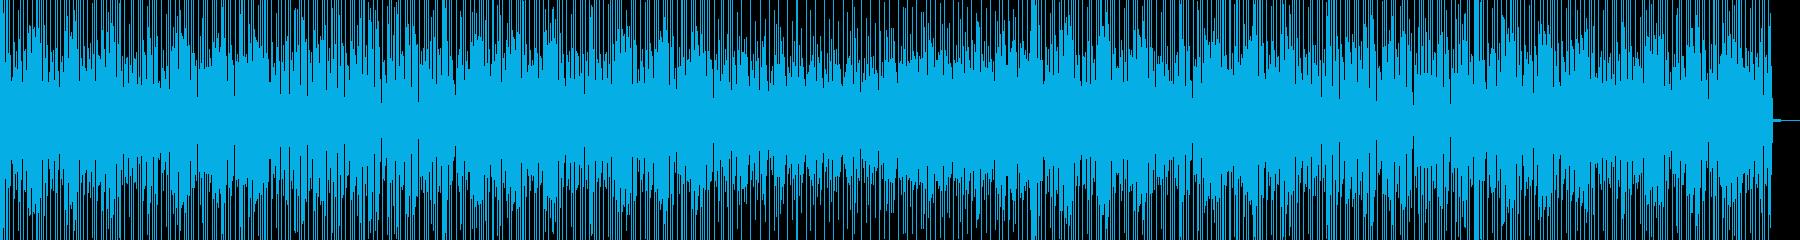 ストレートなロックとテクノグルーヴ...の再生済みの波形